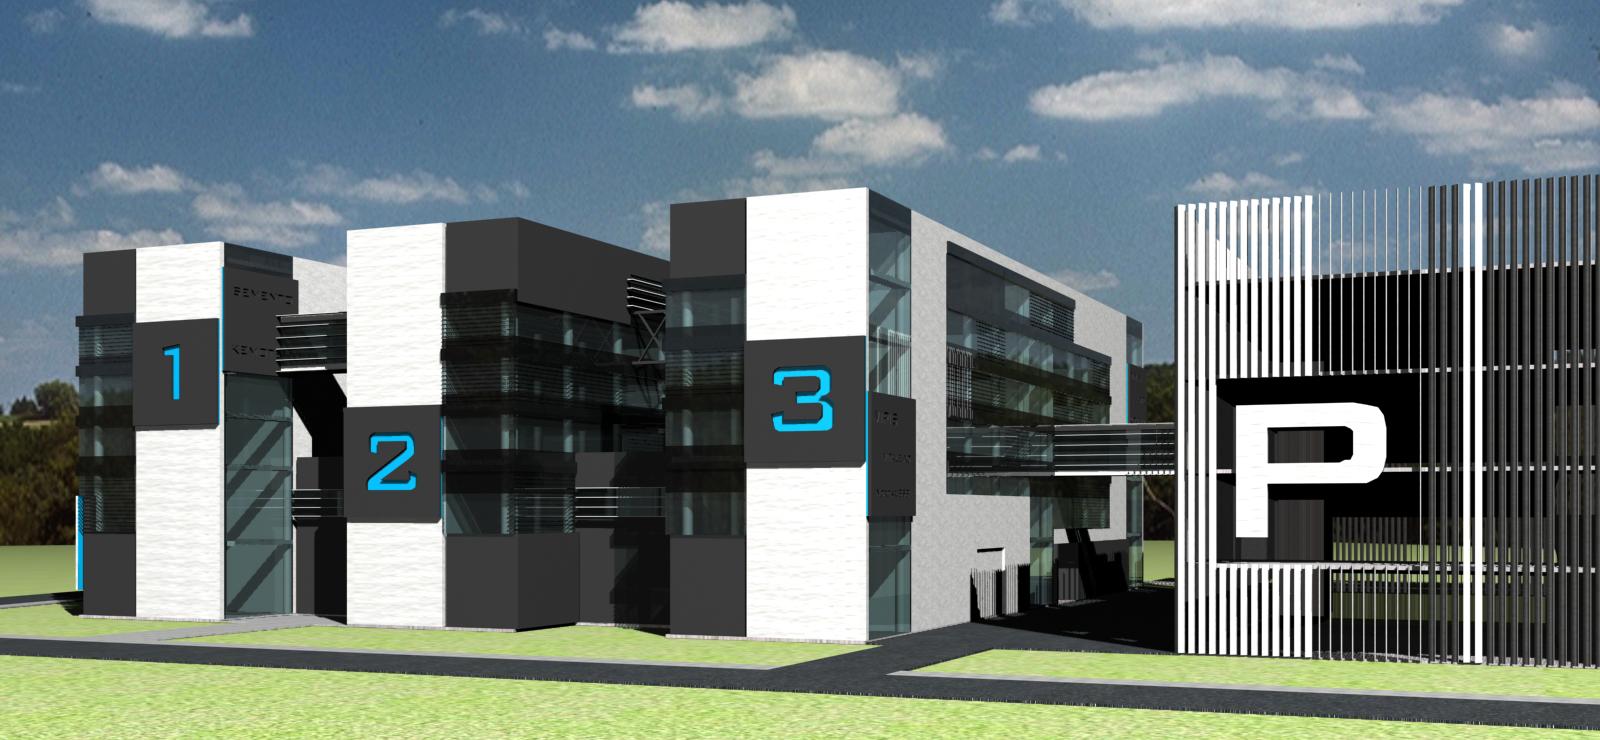 OFFICE BUILDING MEHHATROONIKUM|MEHHATROONIKUM - TALLINN, HARJUMAA| МЕХХАТРООНИКУМ - ТАЛЛИНН, ХАРЬЮМАА